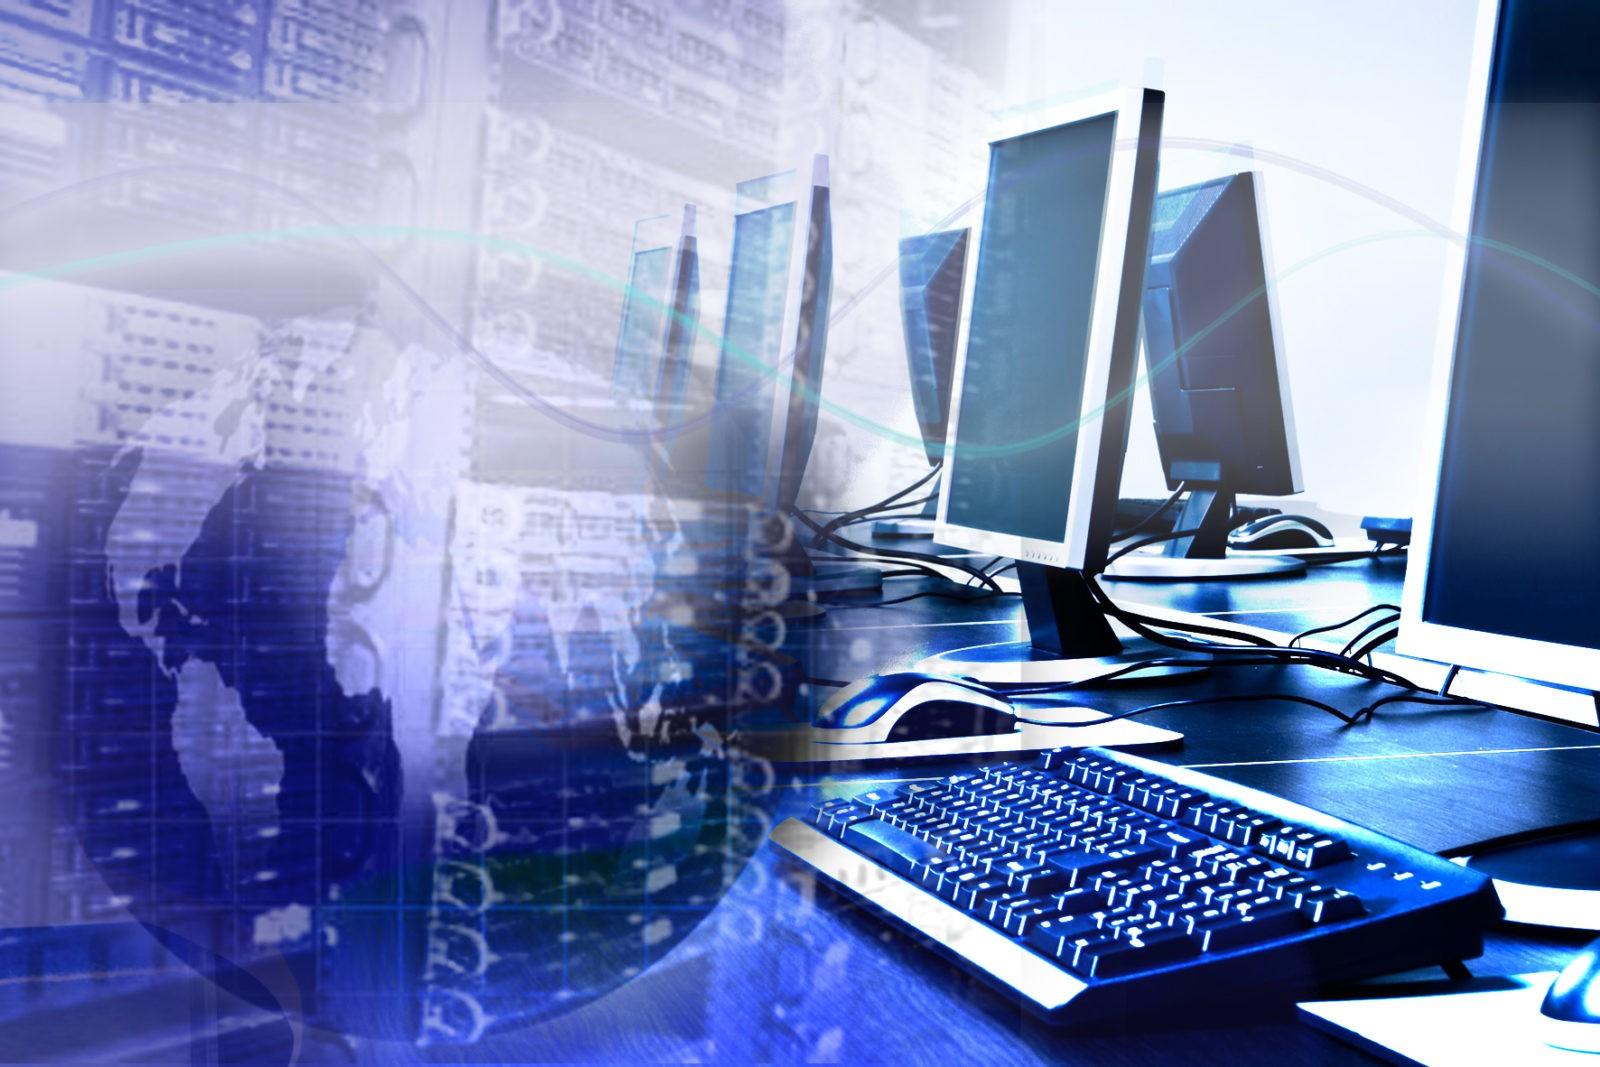 Делегация ТПП РФ стала участником Международного IT-Форума в Ханты-Мансийске